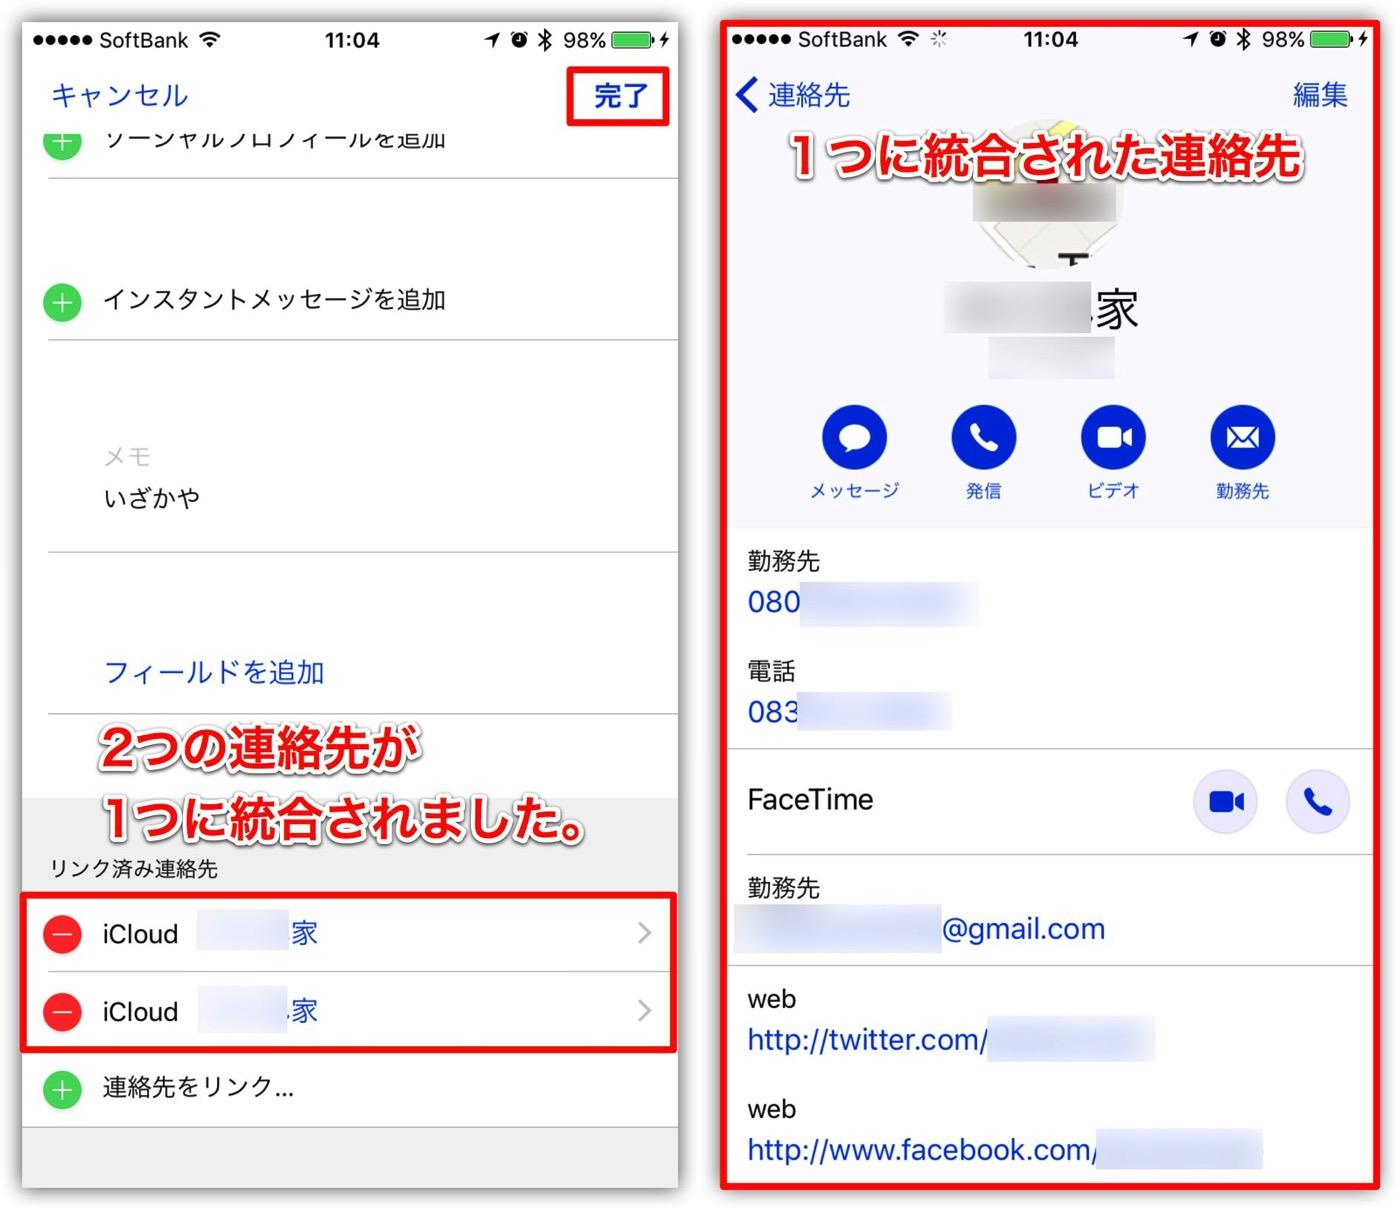 iPhone 連絡先-5